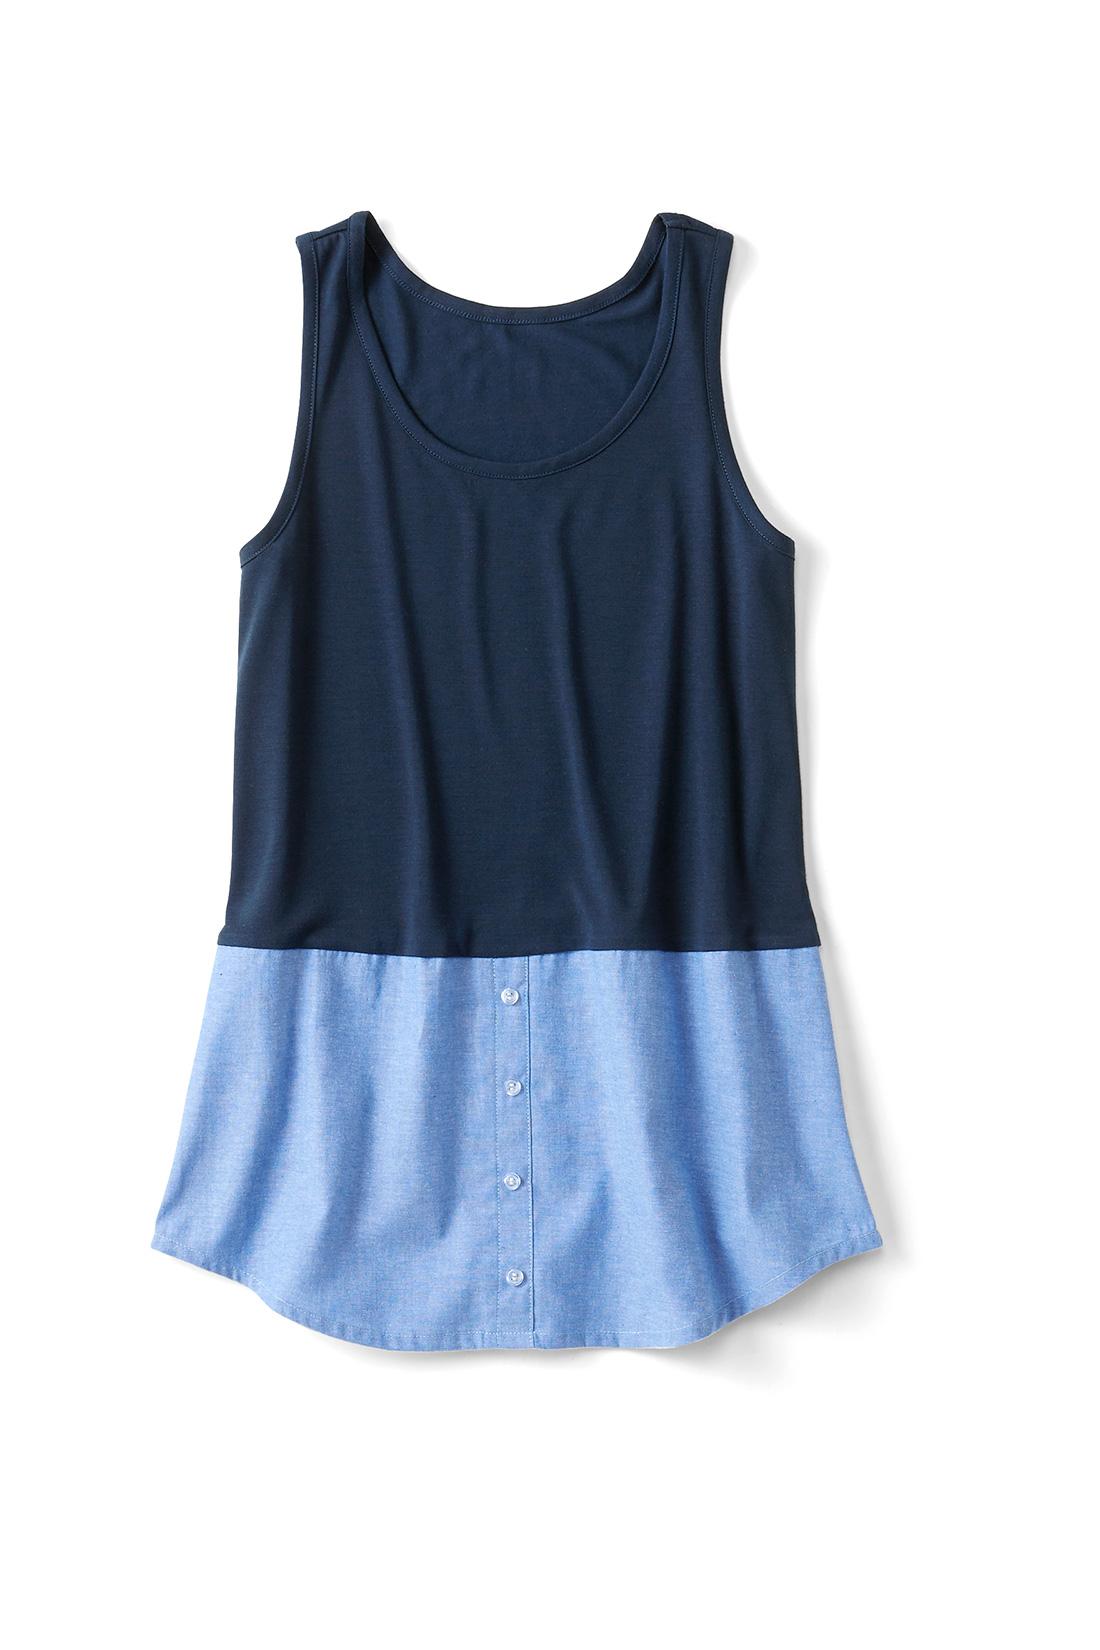 〈ブルー〉 集めたくなるバリエーション シャツ部分はストライプにチェックなど、充実したラインナップ。前立てやボタンはフェイクの飾り仕様で、すそまで縫い付けられています。